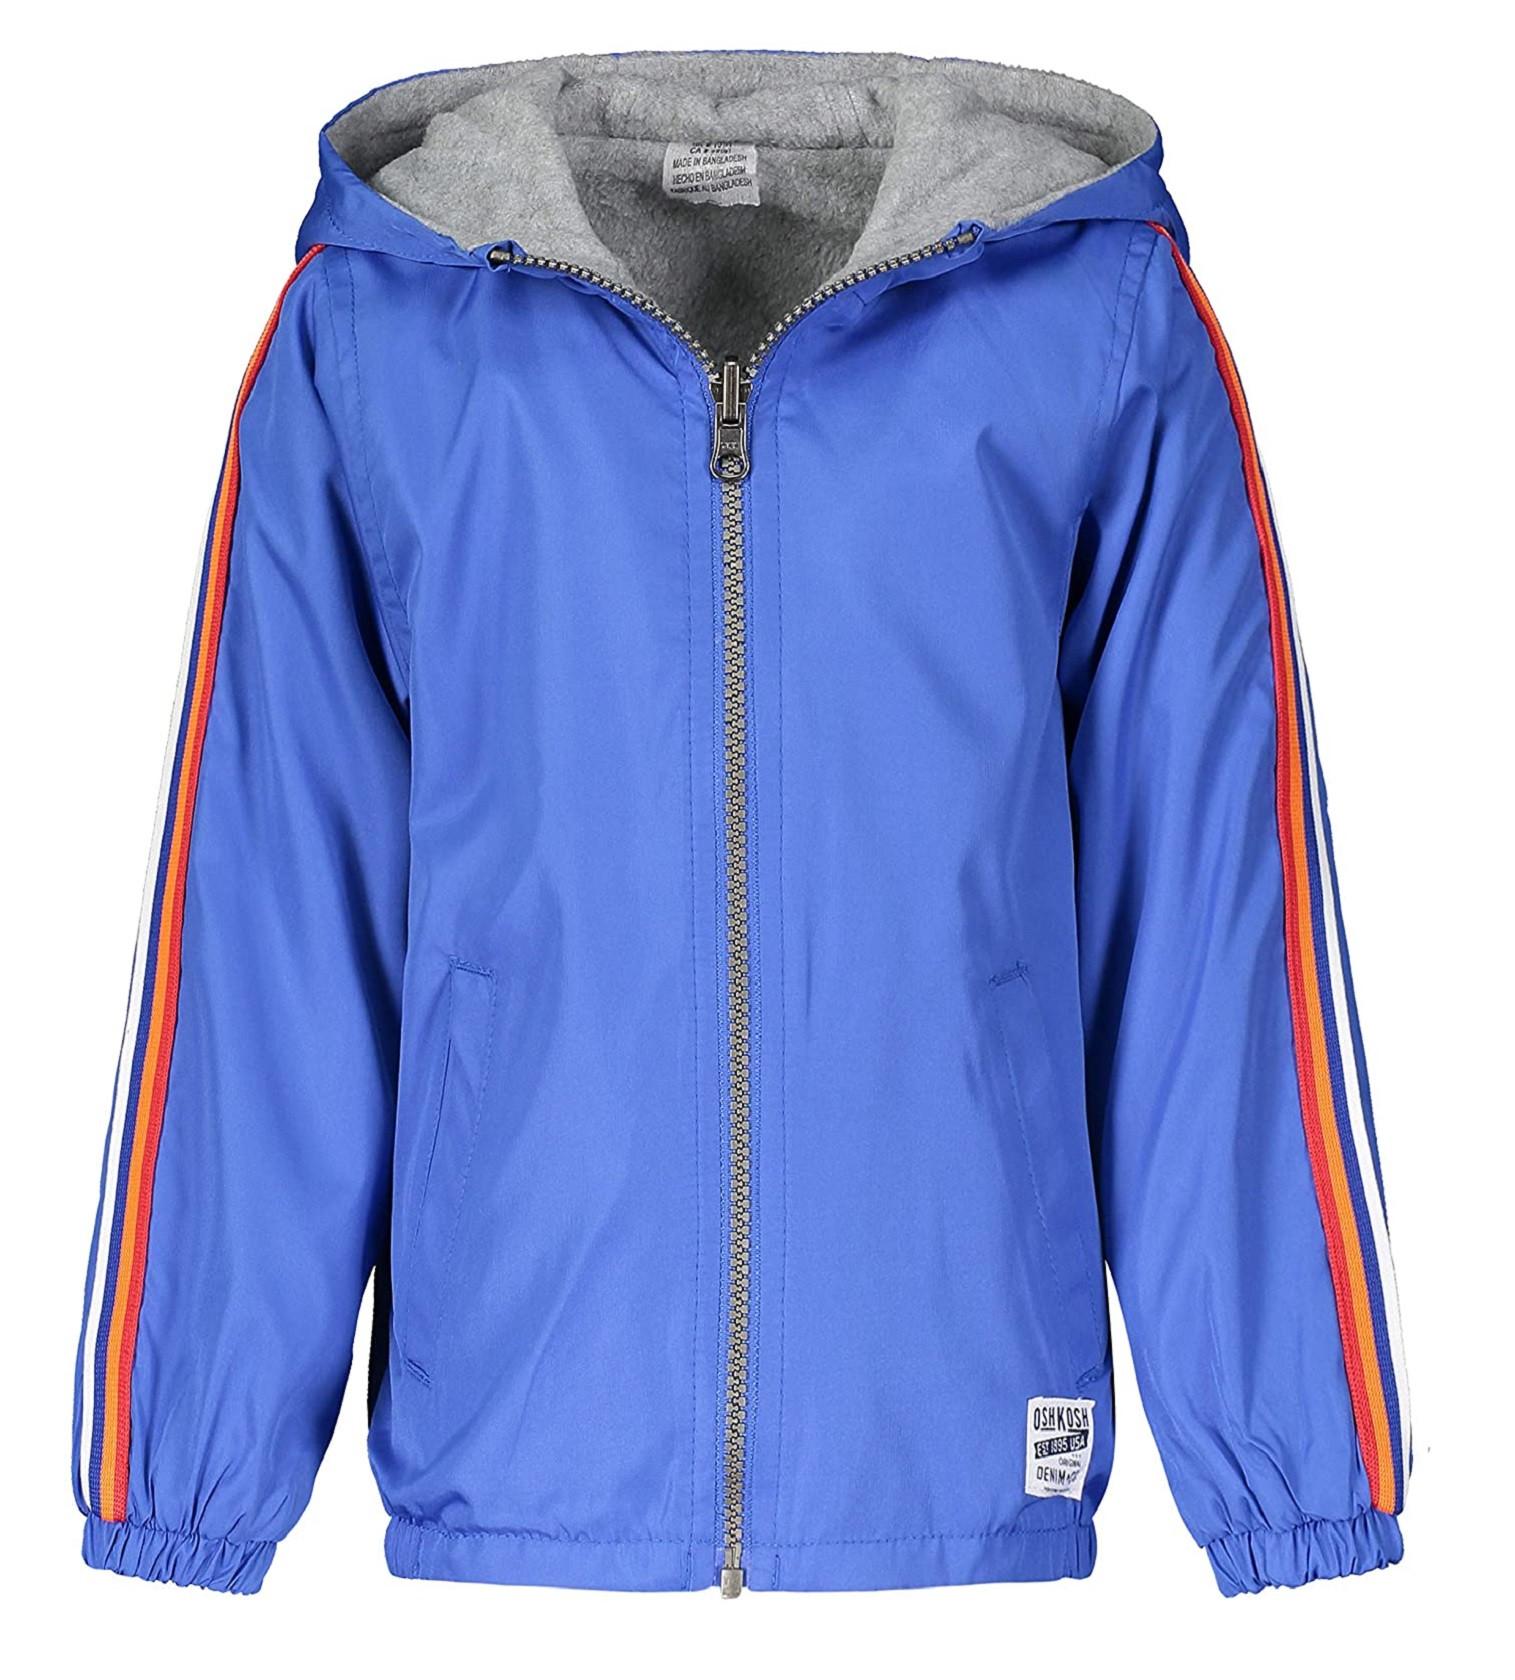 Купити Куртка Двостороння на флісі OshKosh Blue/Heather Grey - фото 1